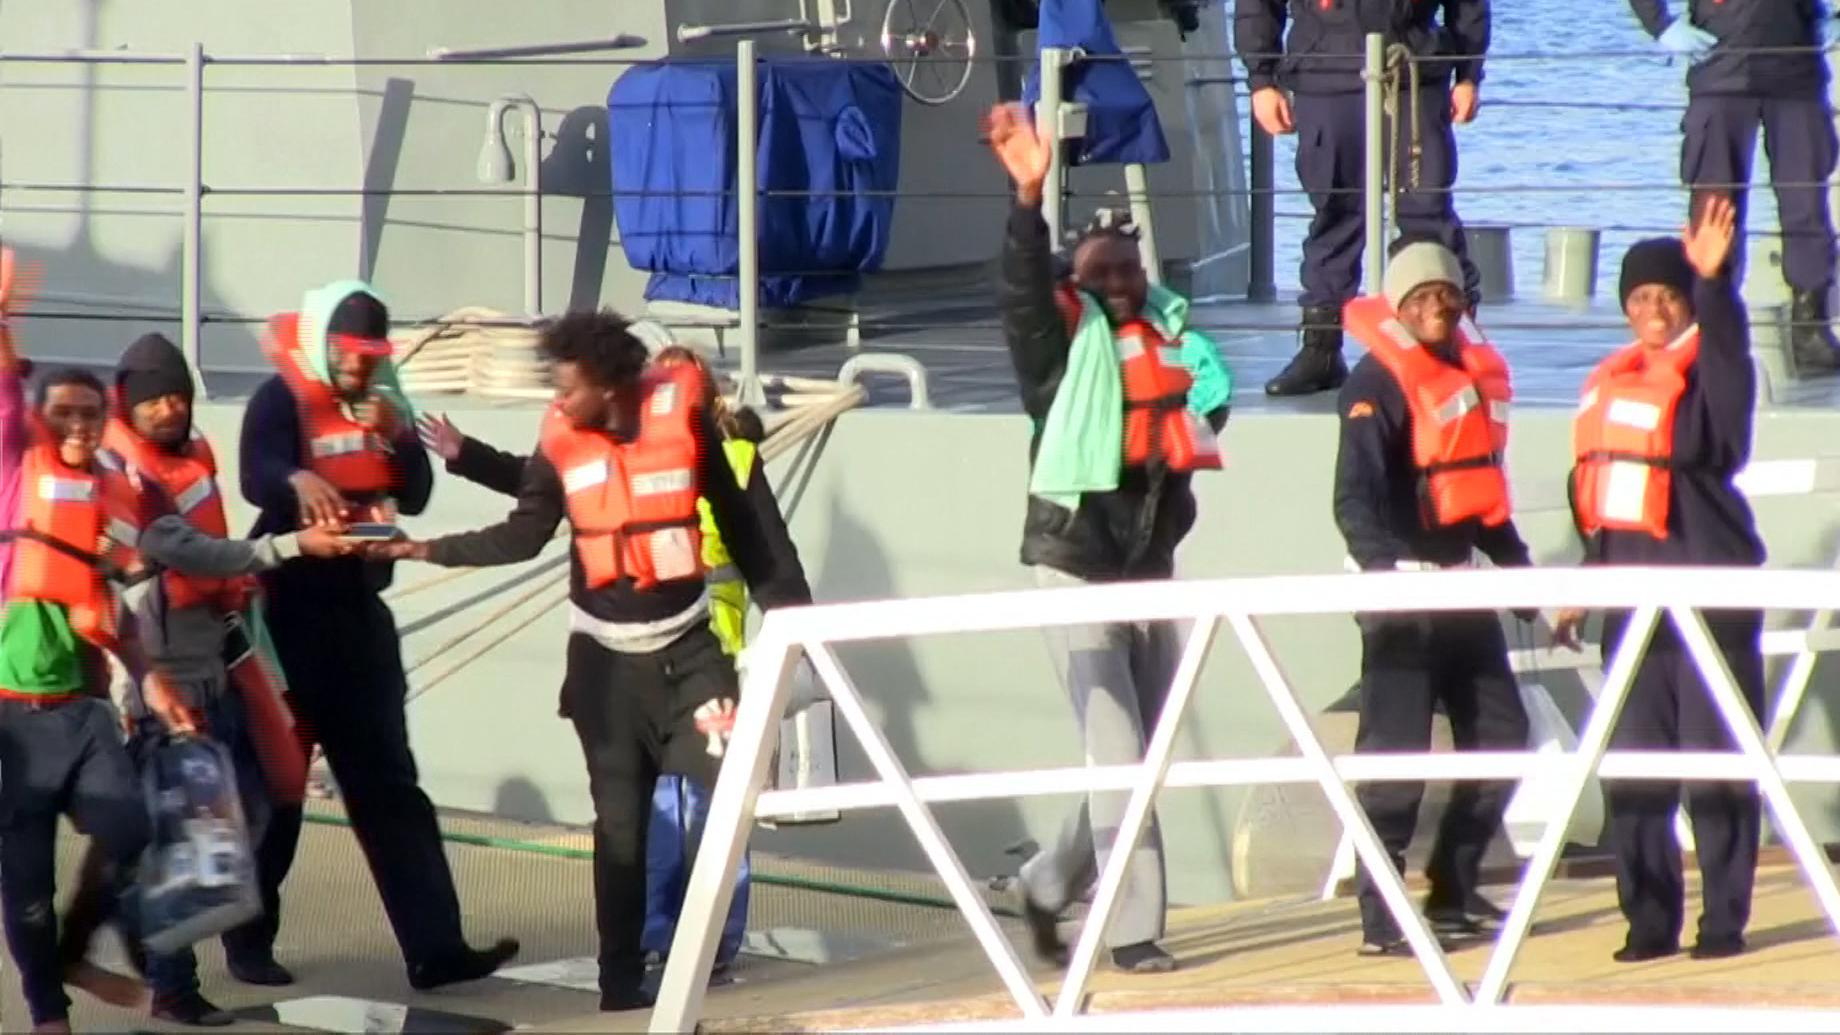 Das zermürbende Warten von 49 Flüchtlingen auf zwei deutschen Rettungsschiffen vor der Küste Maltas hat ein Ende: Sie durften nach Wochen des Wartens in Maltas Hauptstadt Valletta an Land.